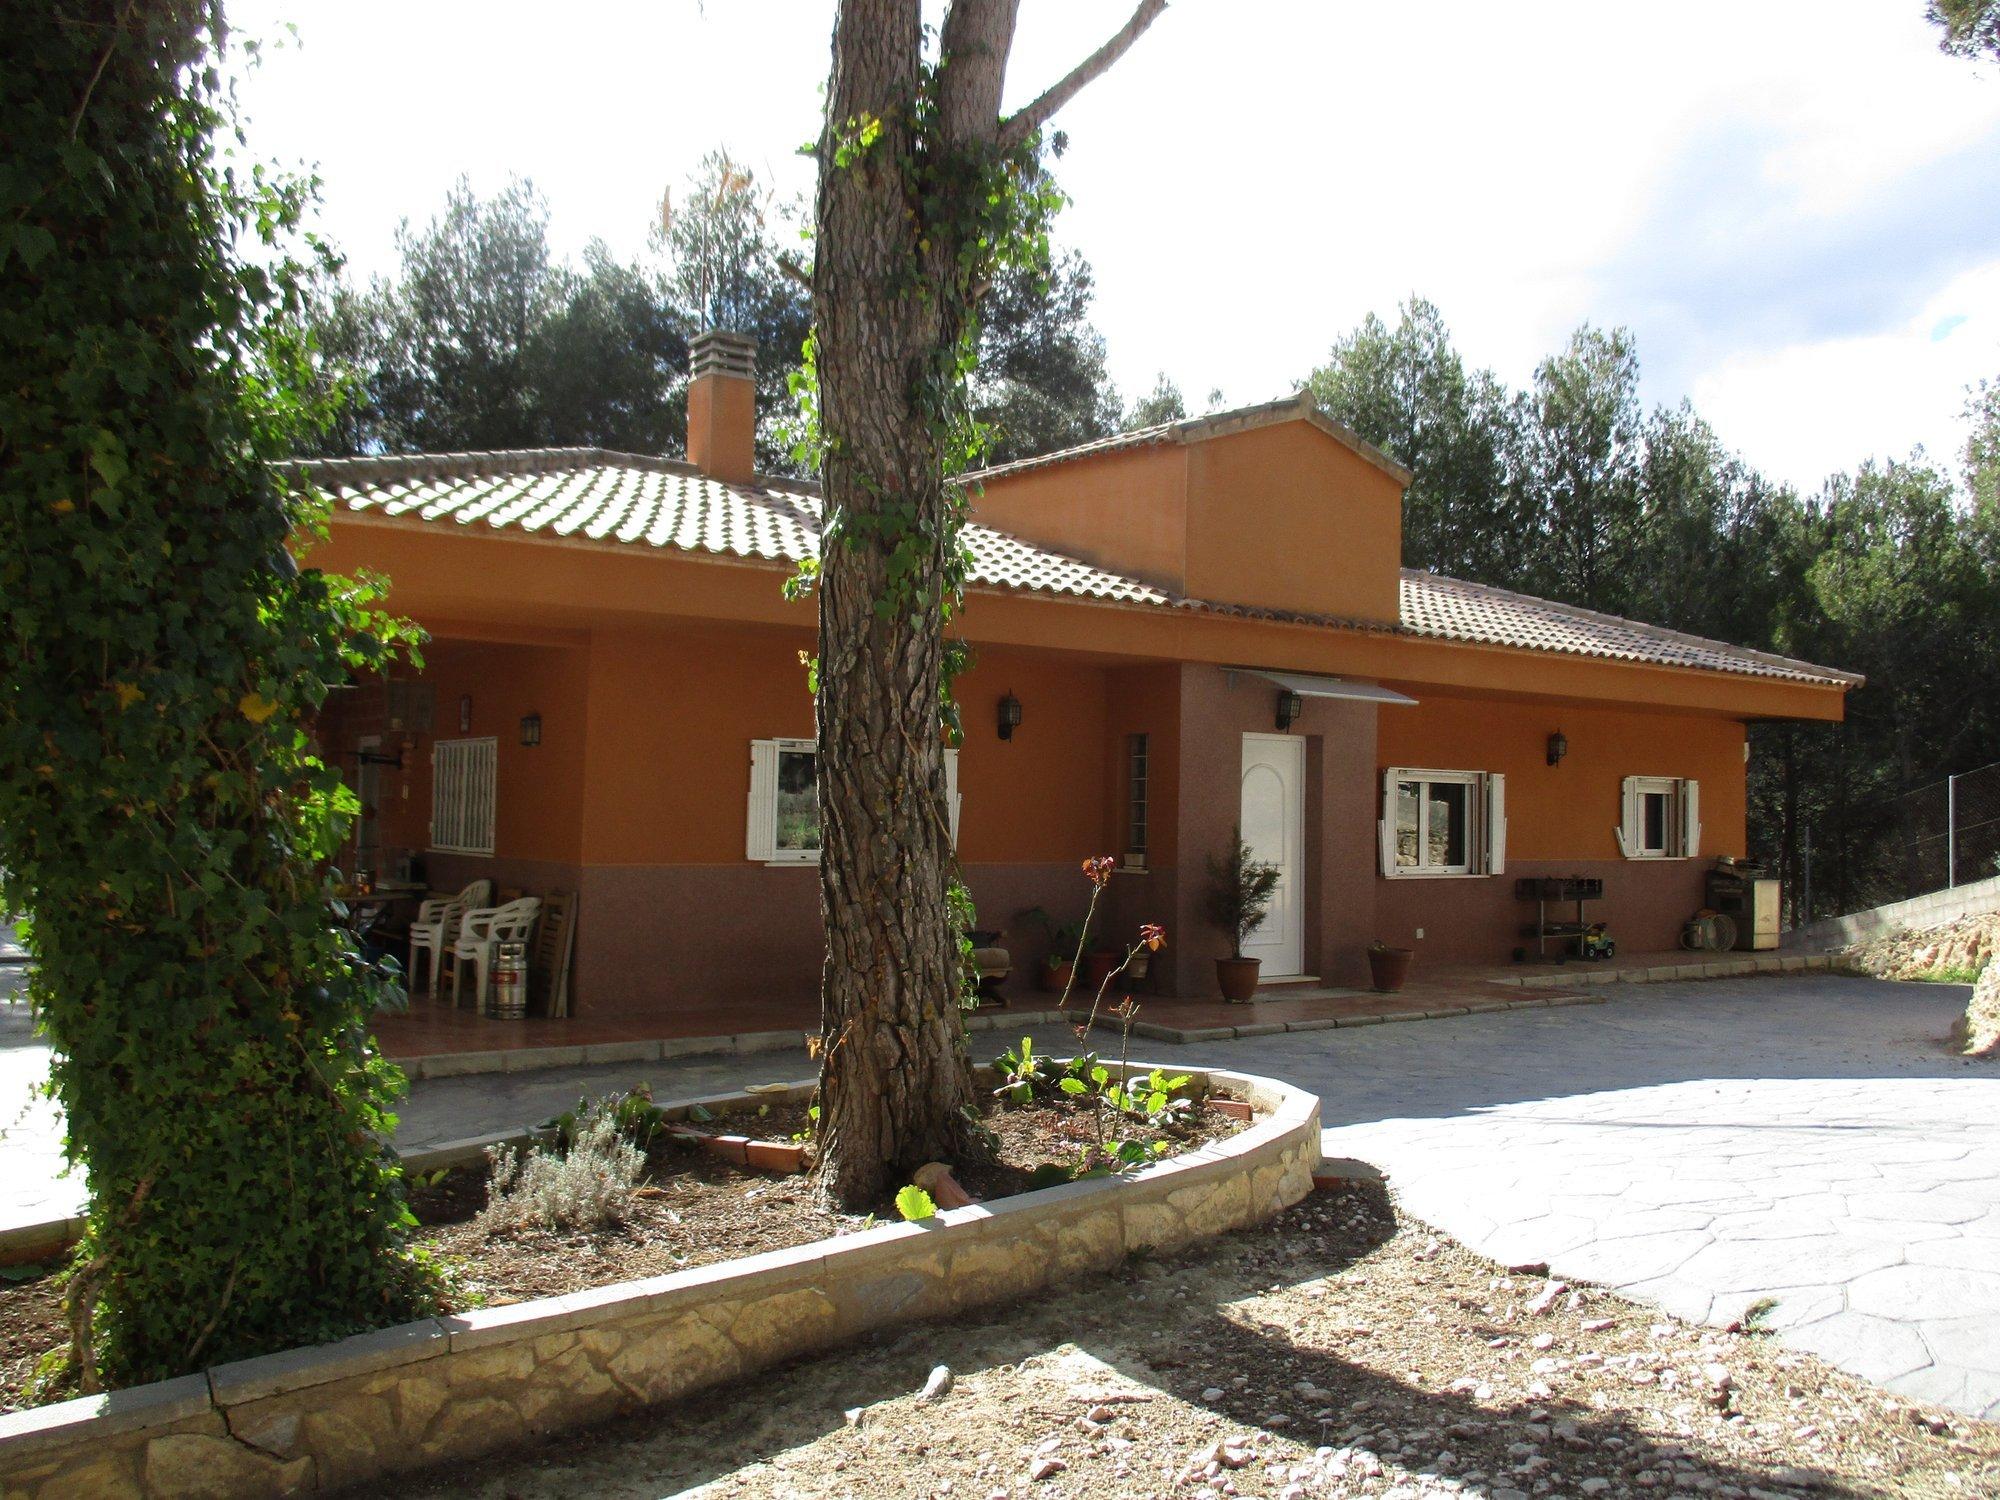 Ref:A10882 Villa For Sale in ALCOY